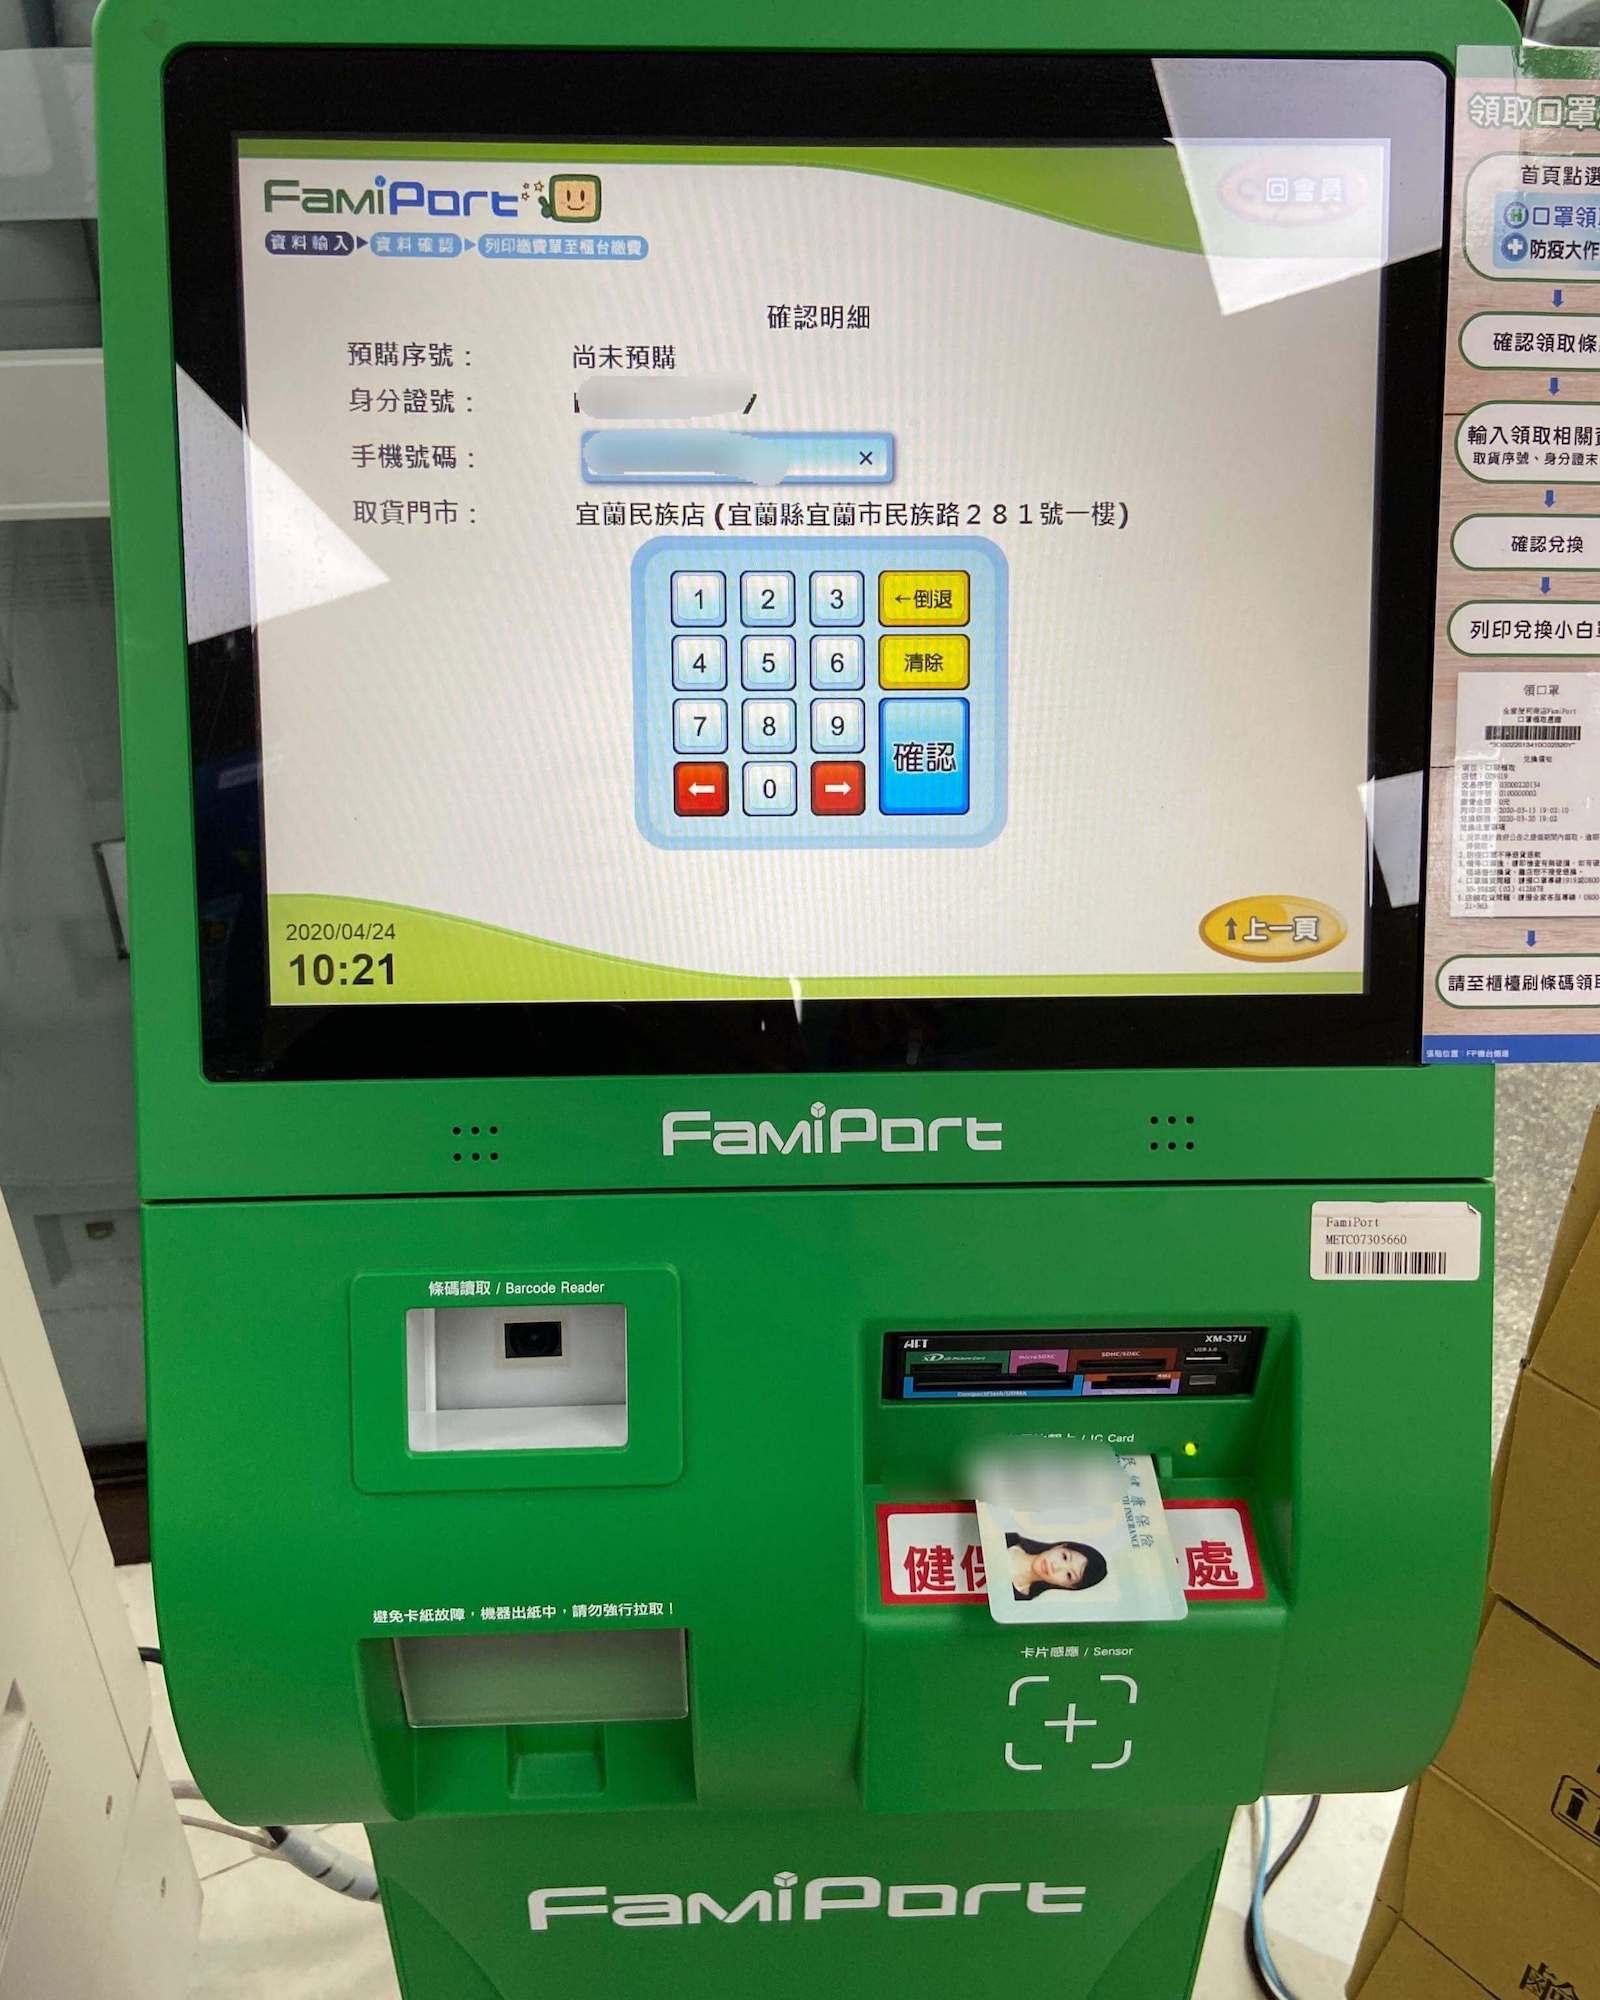 【台湾のコロナウイルス状況・対策】コンビニのマスク購入予約:5.電話番号を入力する。